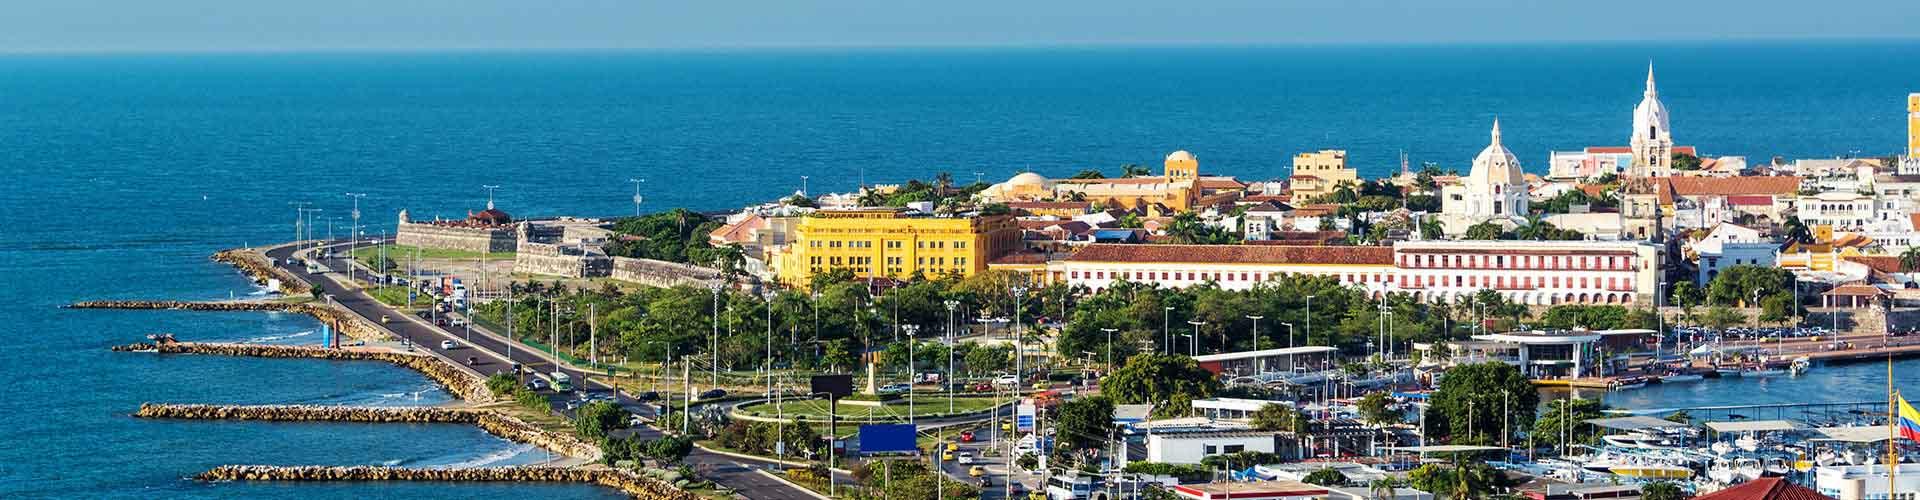 Cartagena - Campamentos en Cartagena. Mapas de Cartagena, Fotos y comentarios de cada Campamento en Cartagena.